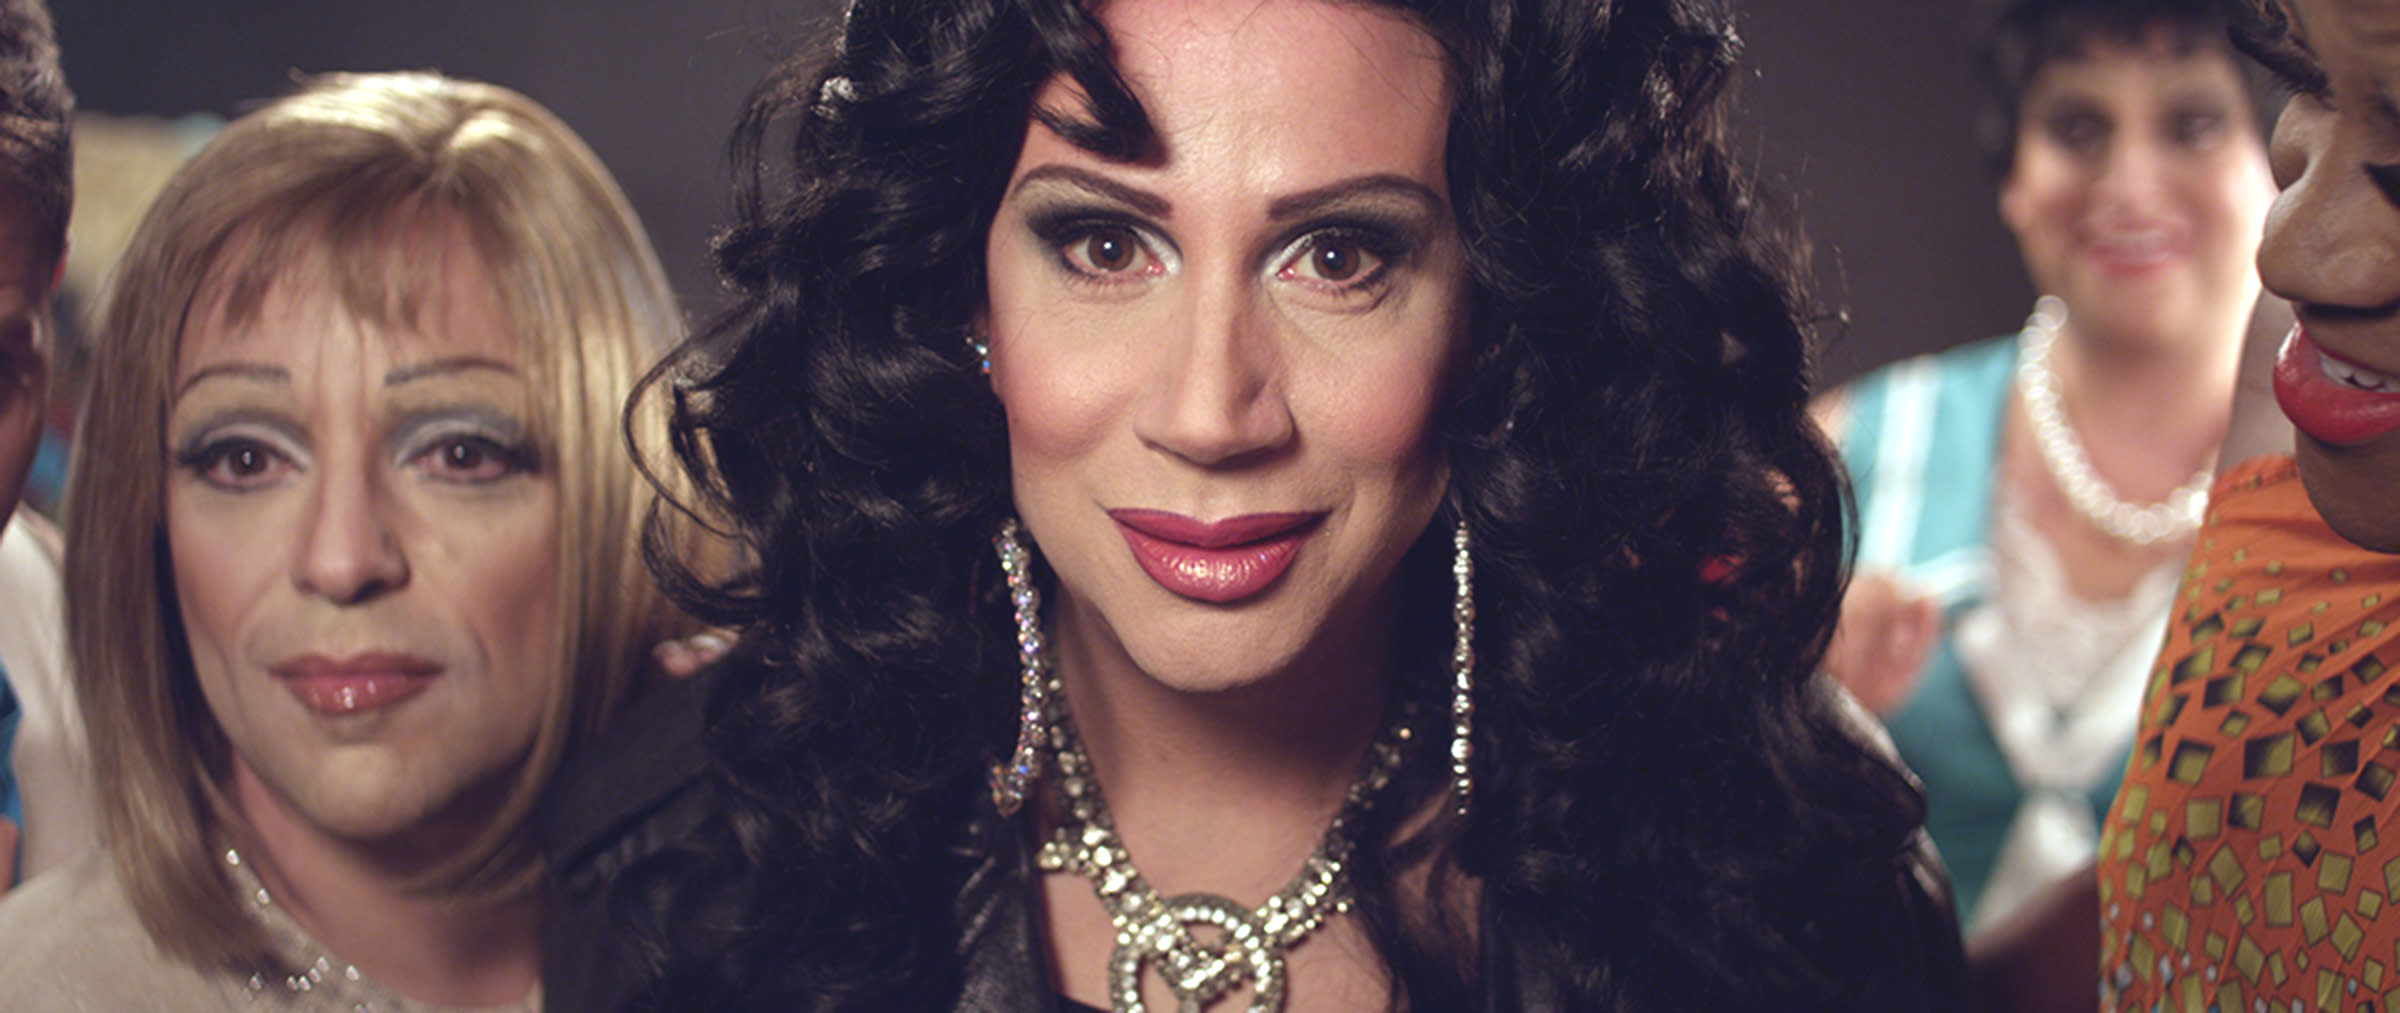 Raindance: 'Thirsty' Director Margo Pelletier on Gender ...